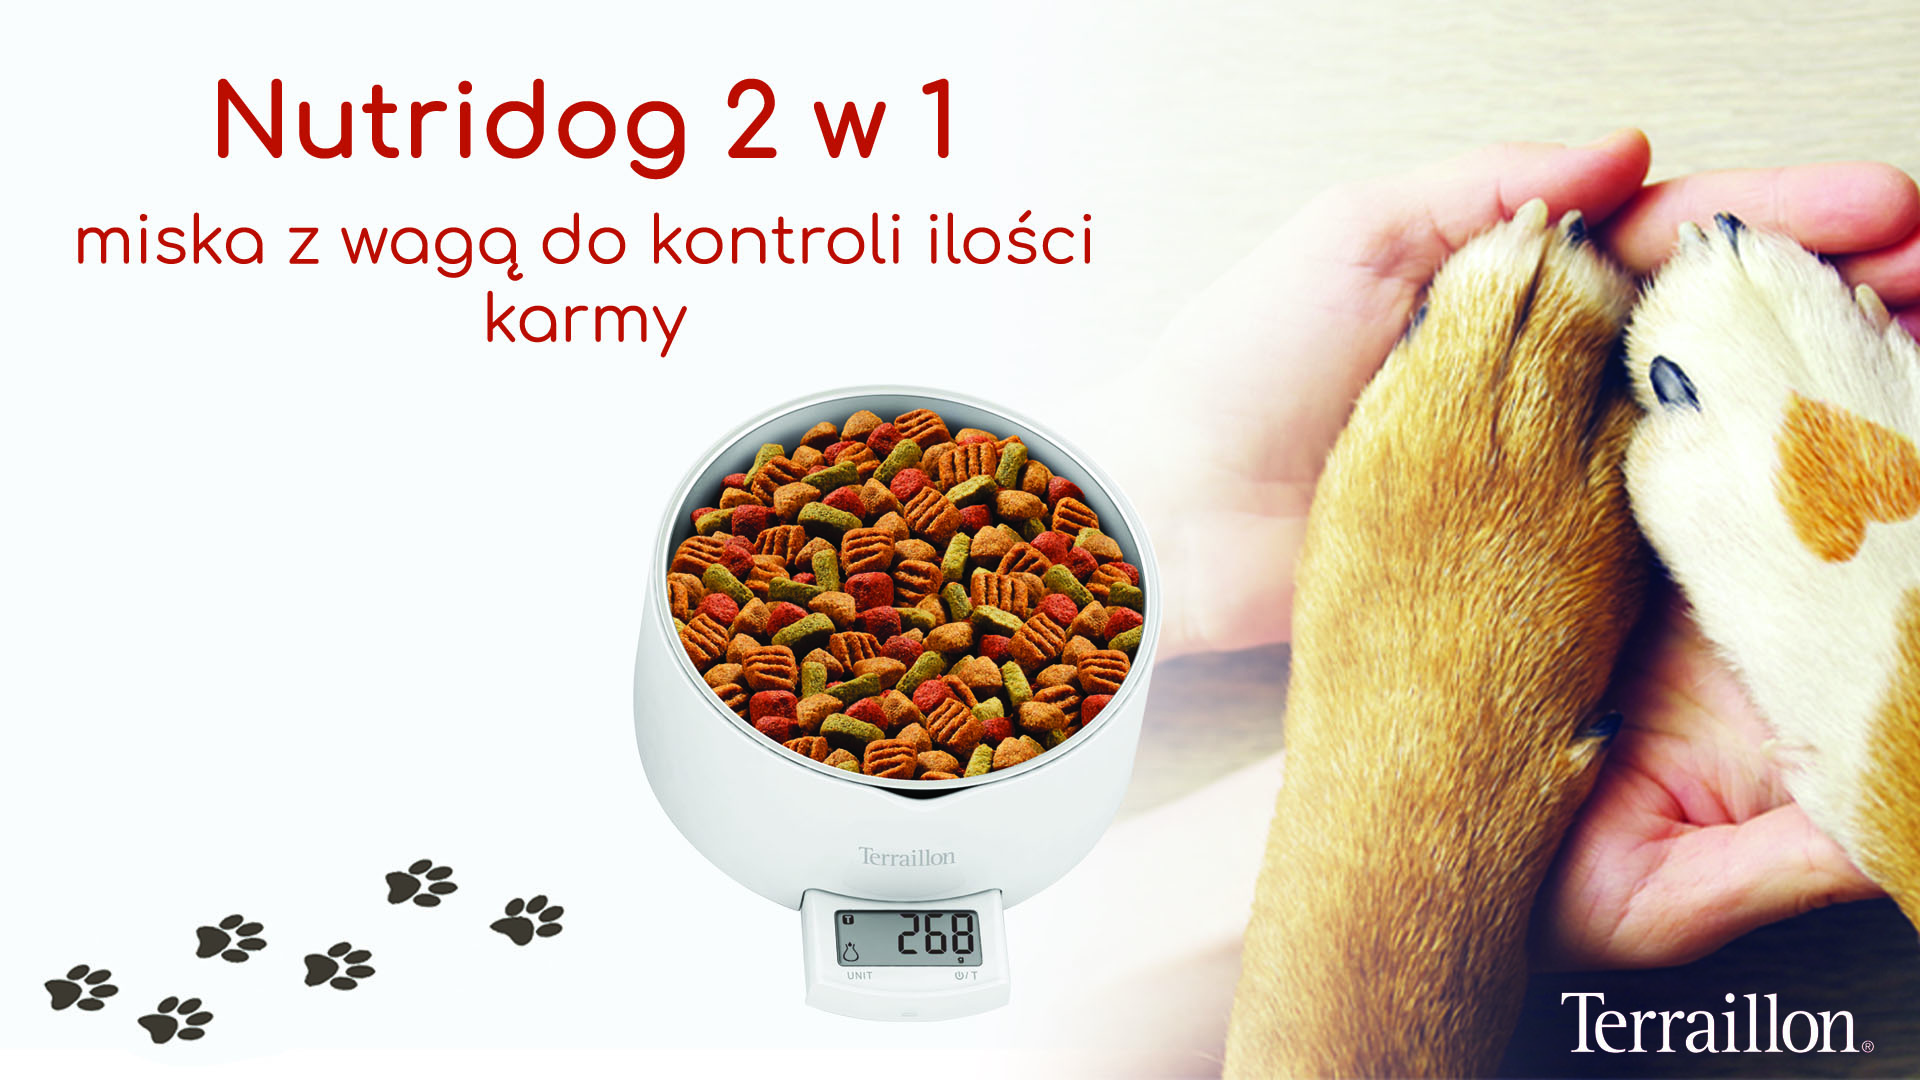 NutriDog 2 w 1